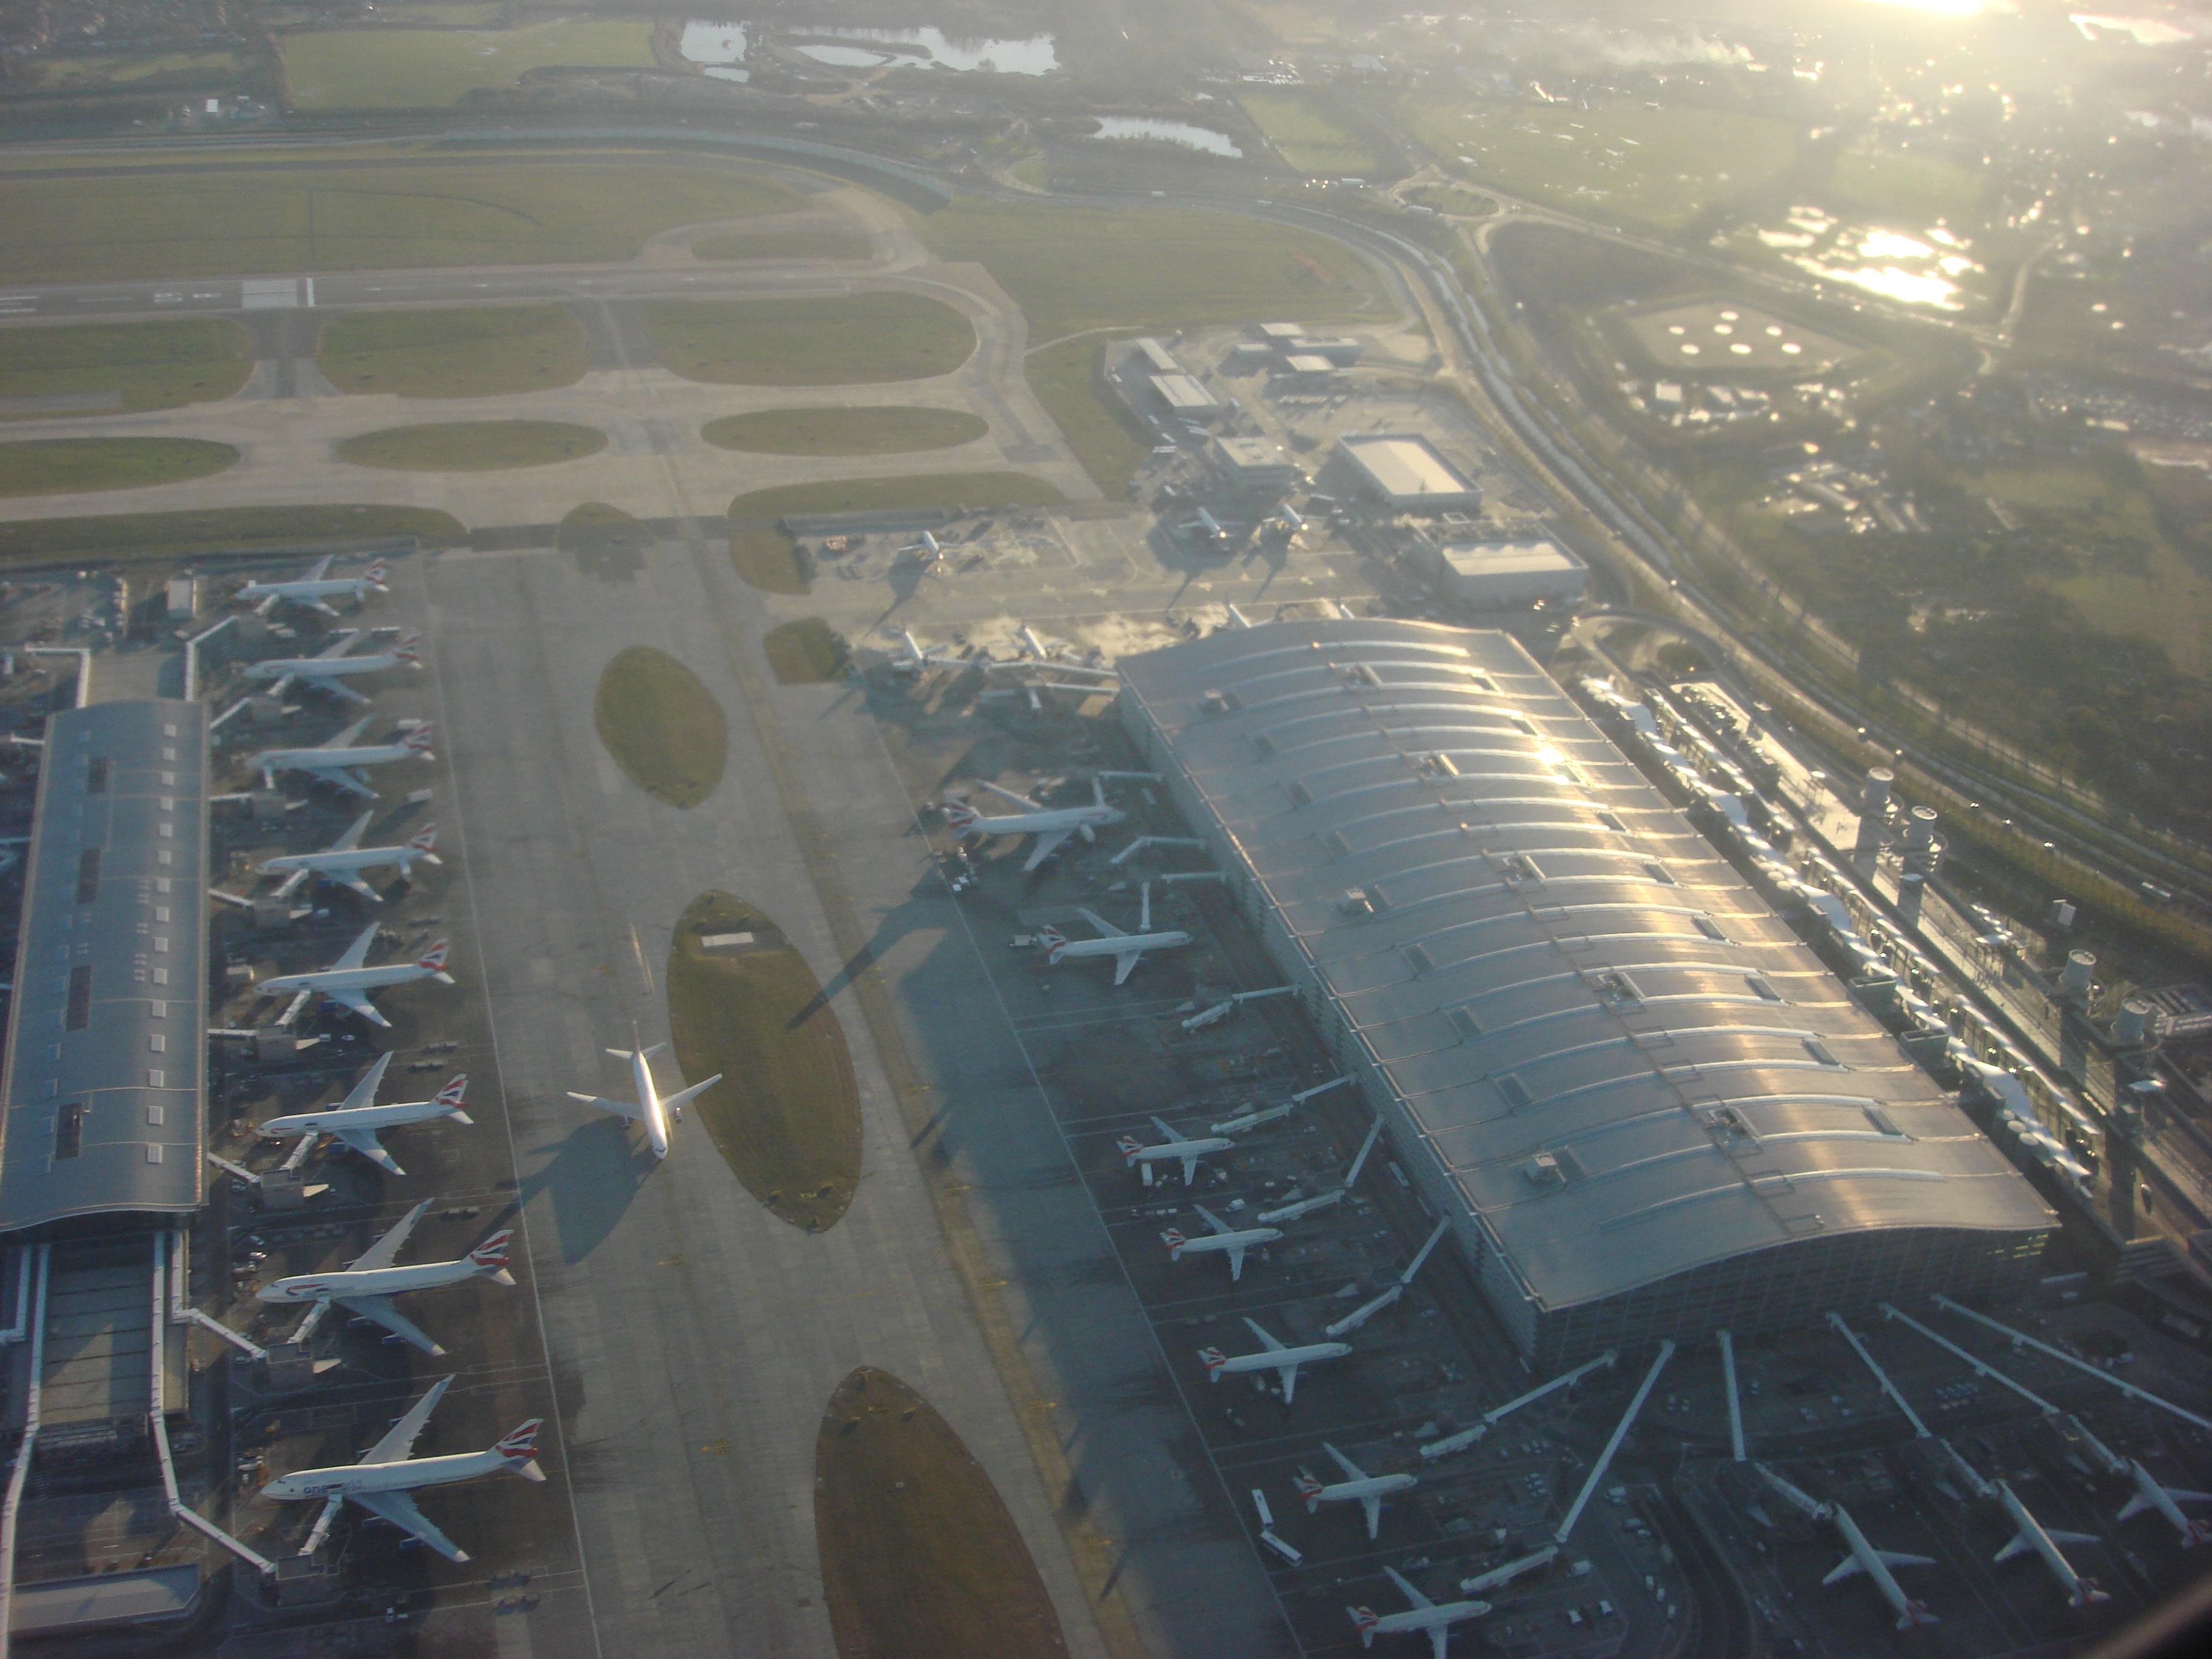 Аэропорт Хитроу (the Heathrow airport)